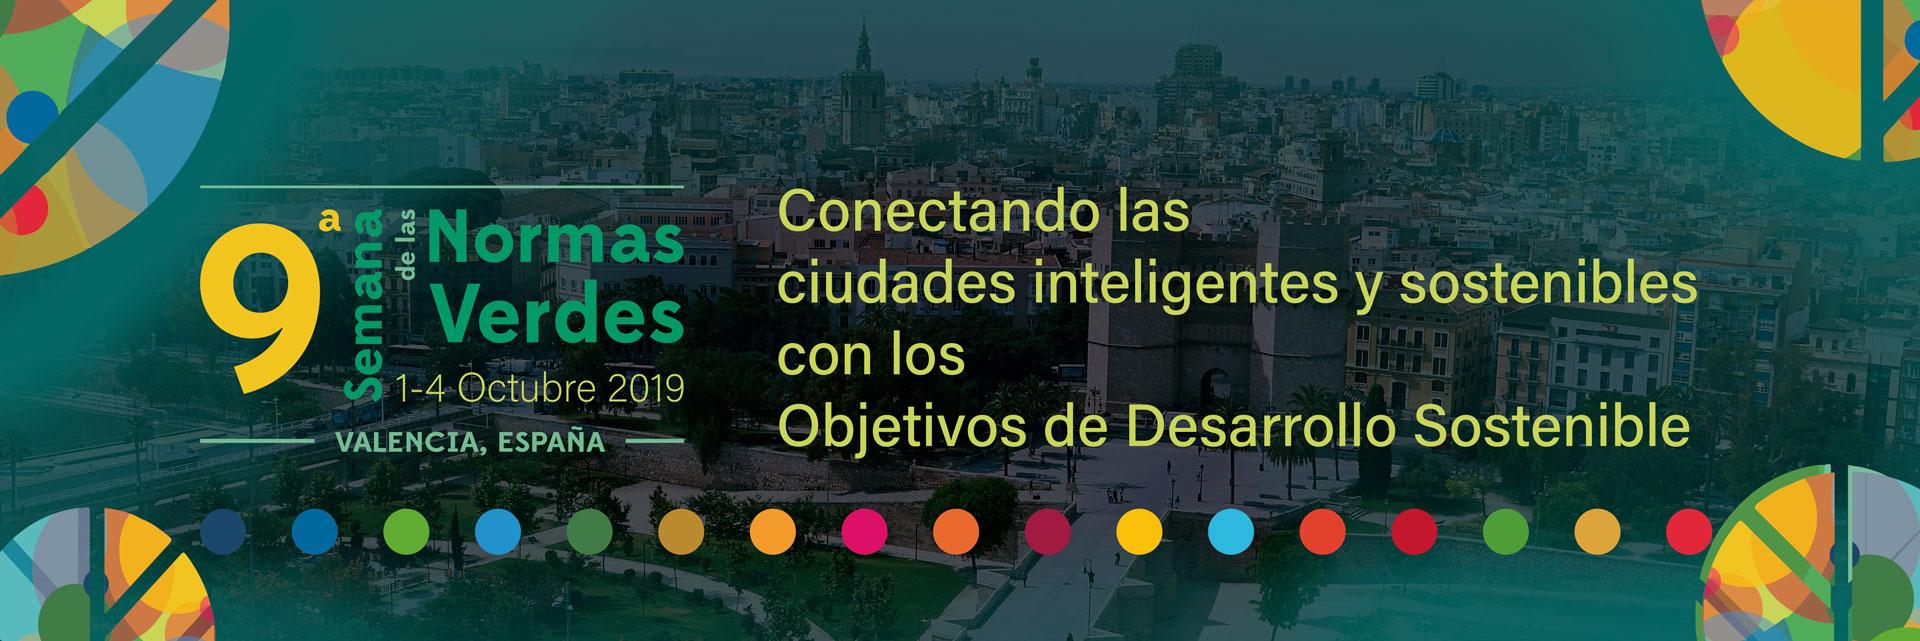 9ª Semana de las Normas Verdes - Conectando las ciudades con los Objetivos de Desarrollo Sostenible